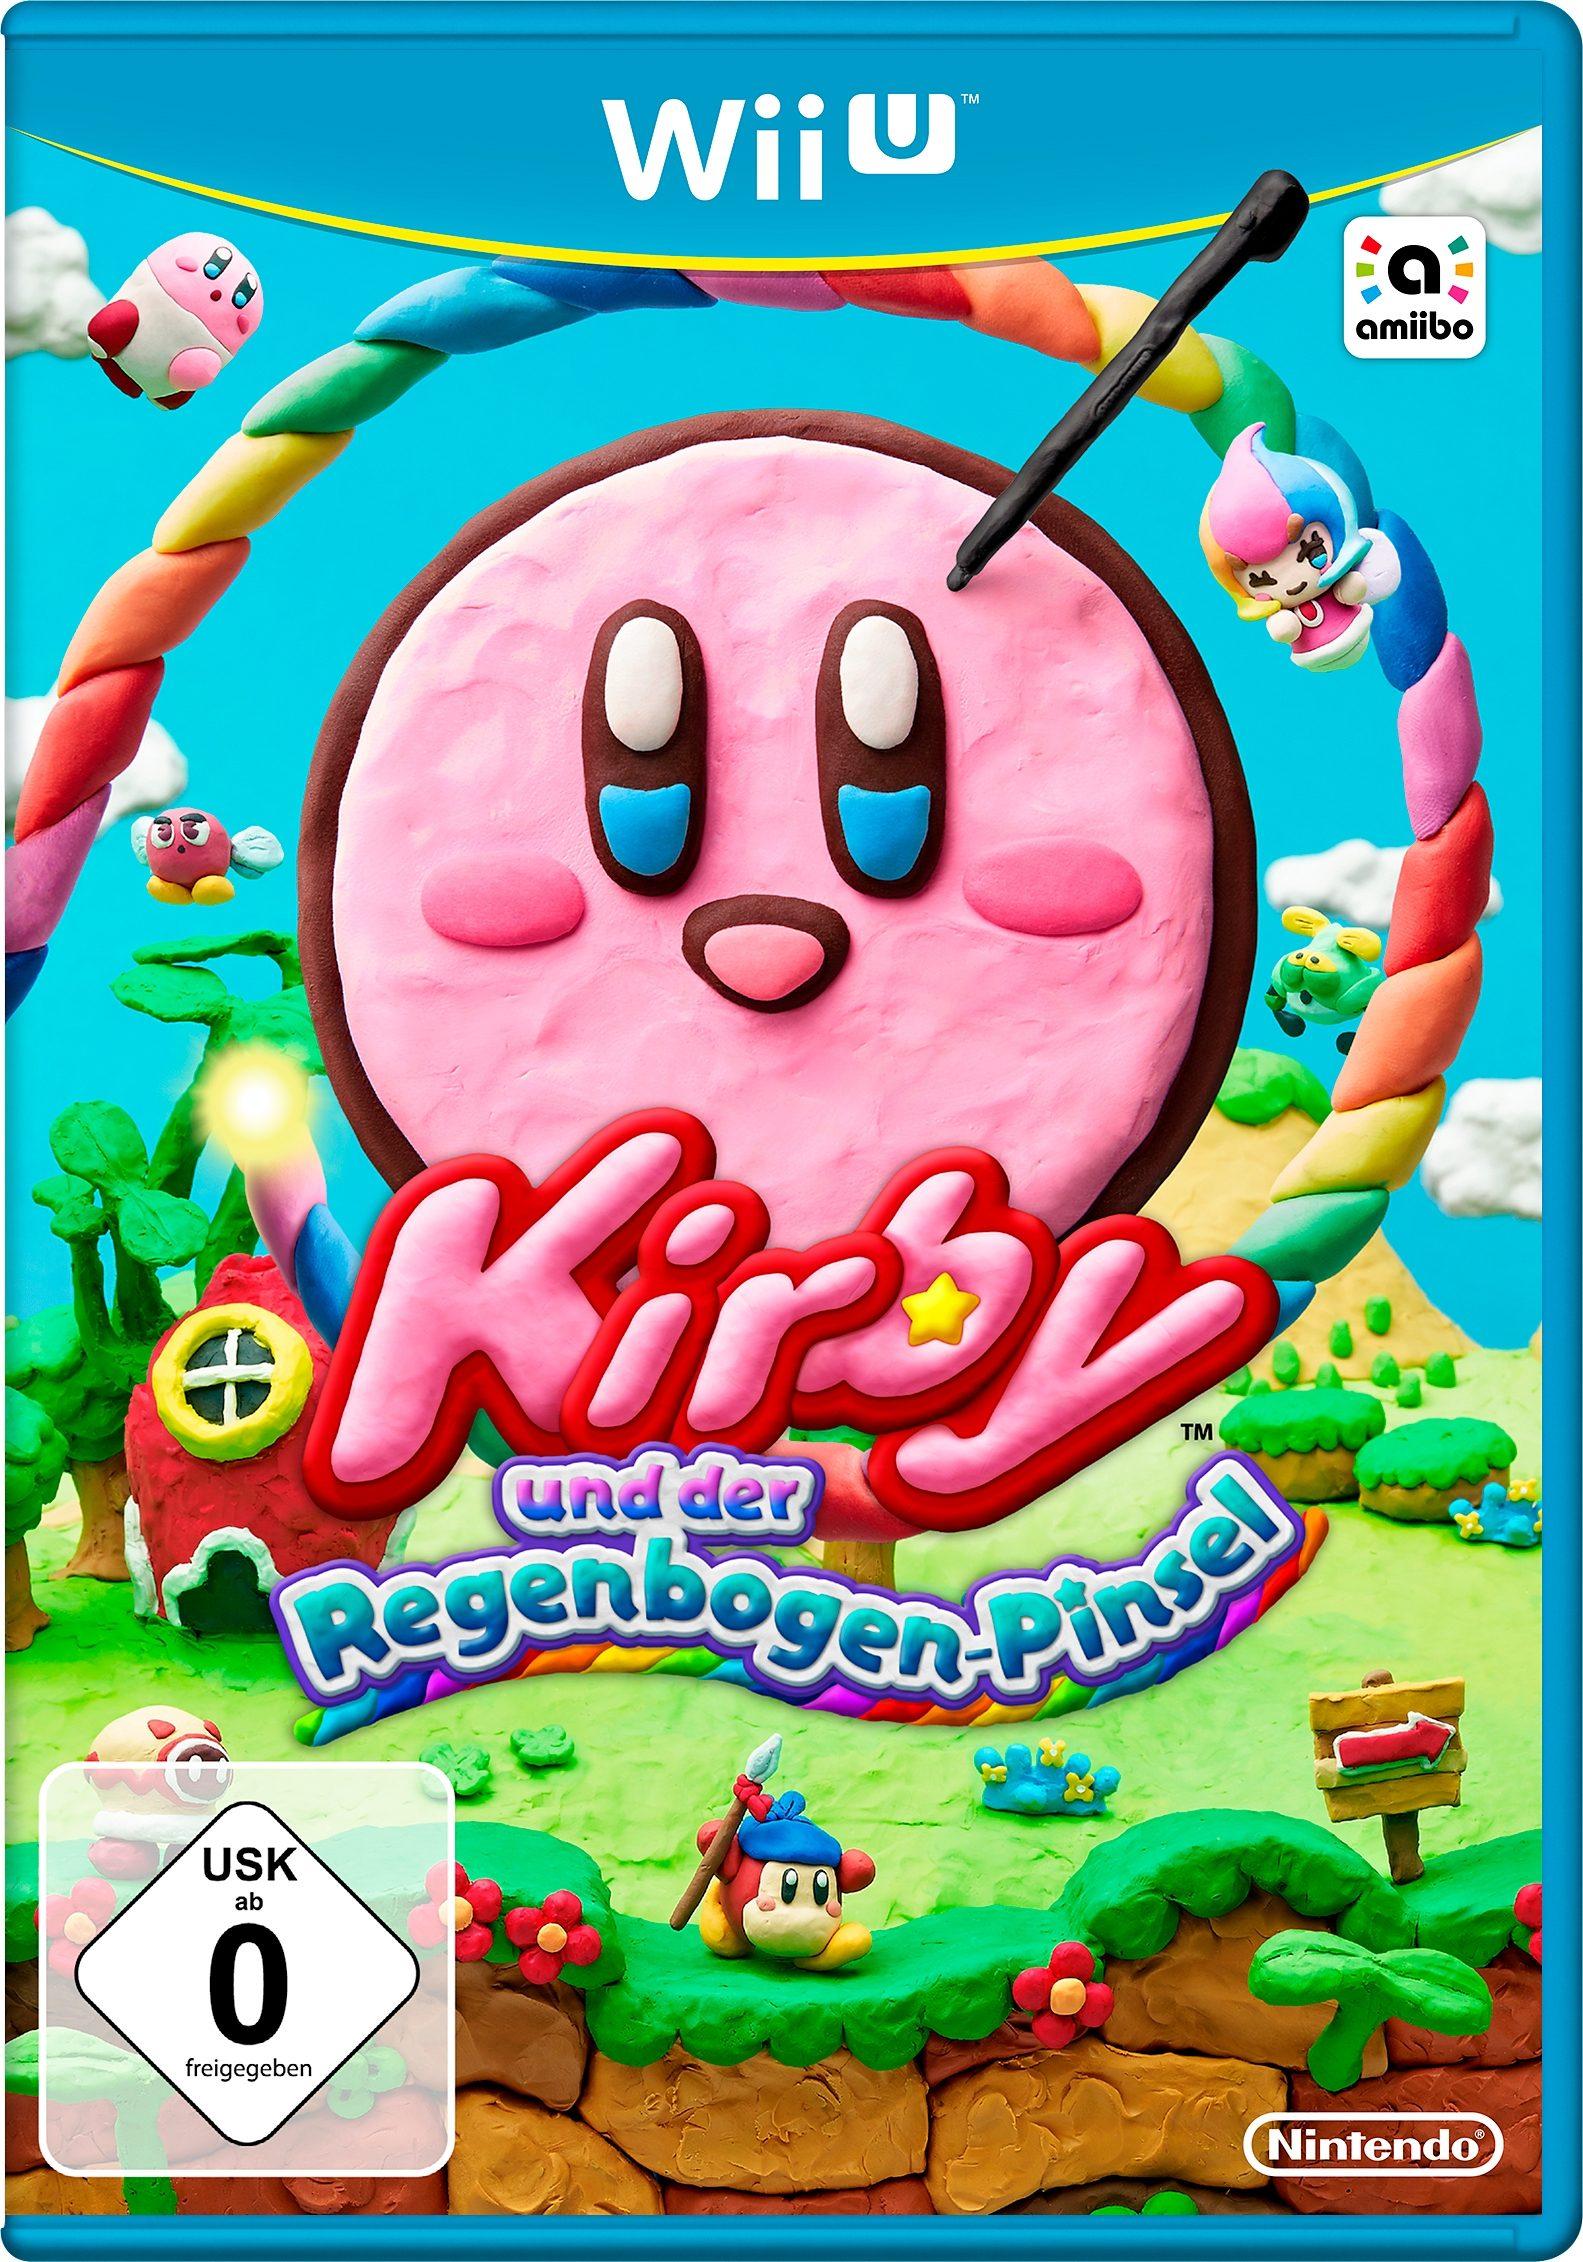 Kirby und der Regenbogen-Pinsel Nintendo Wii U